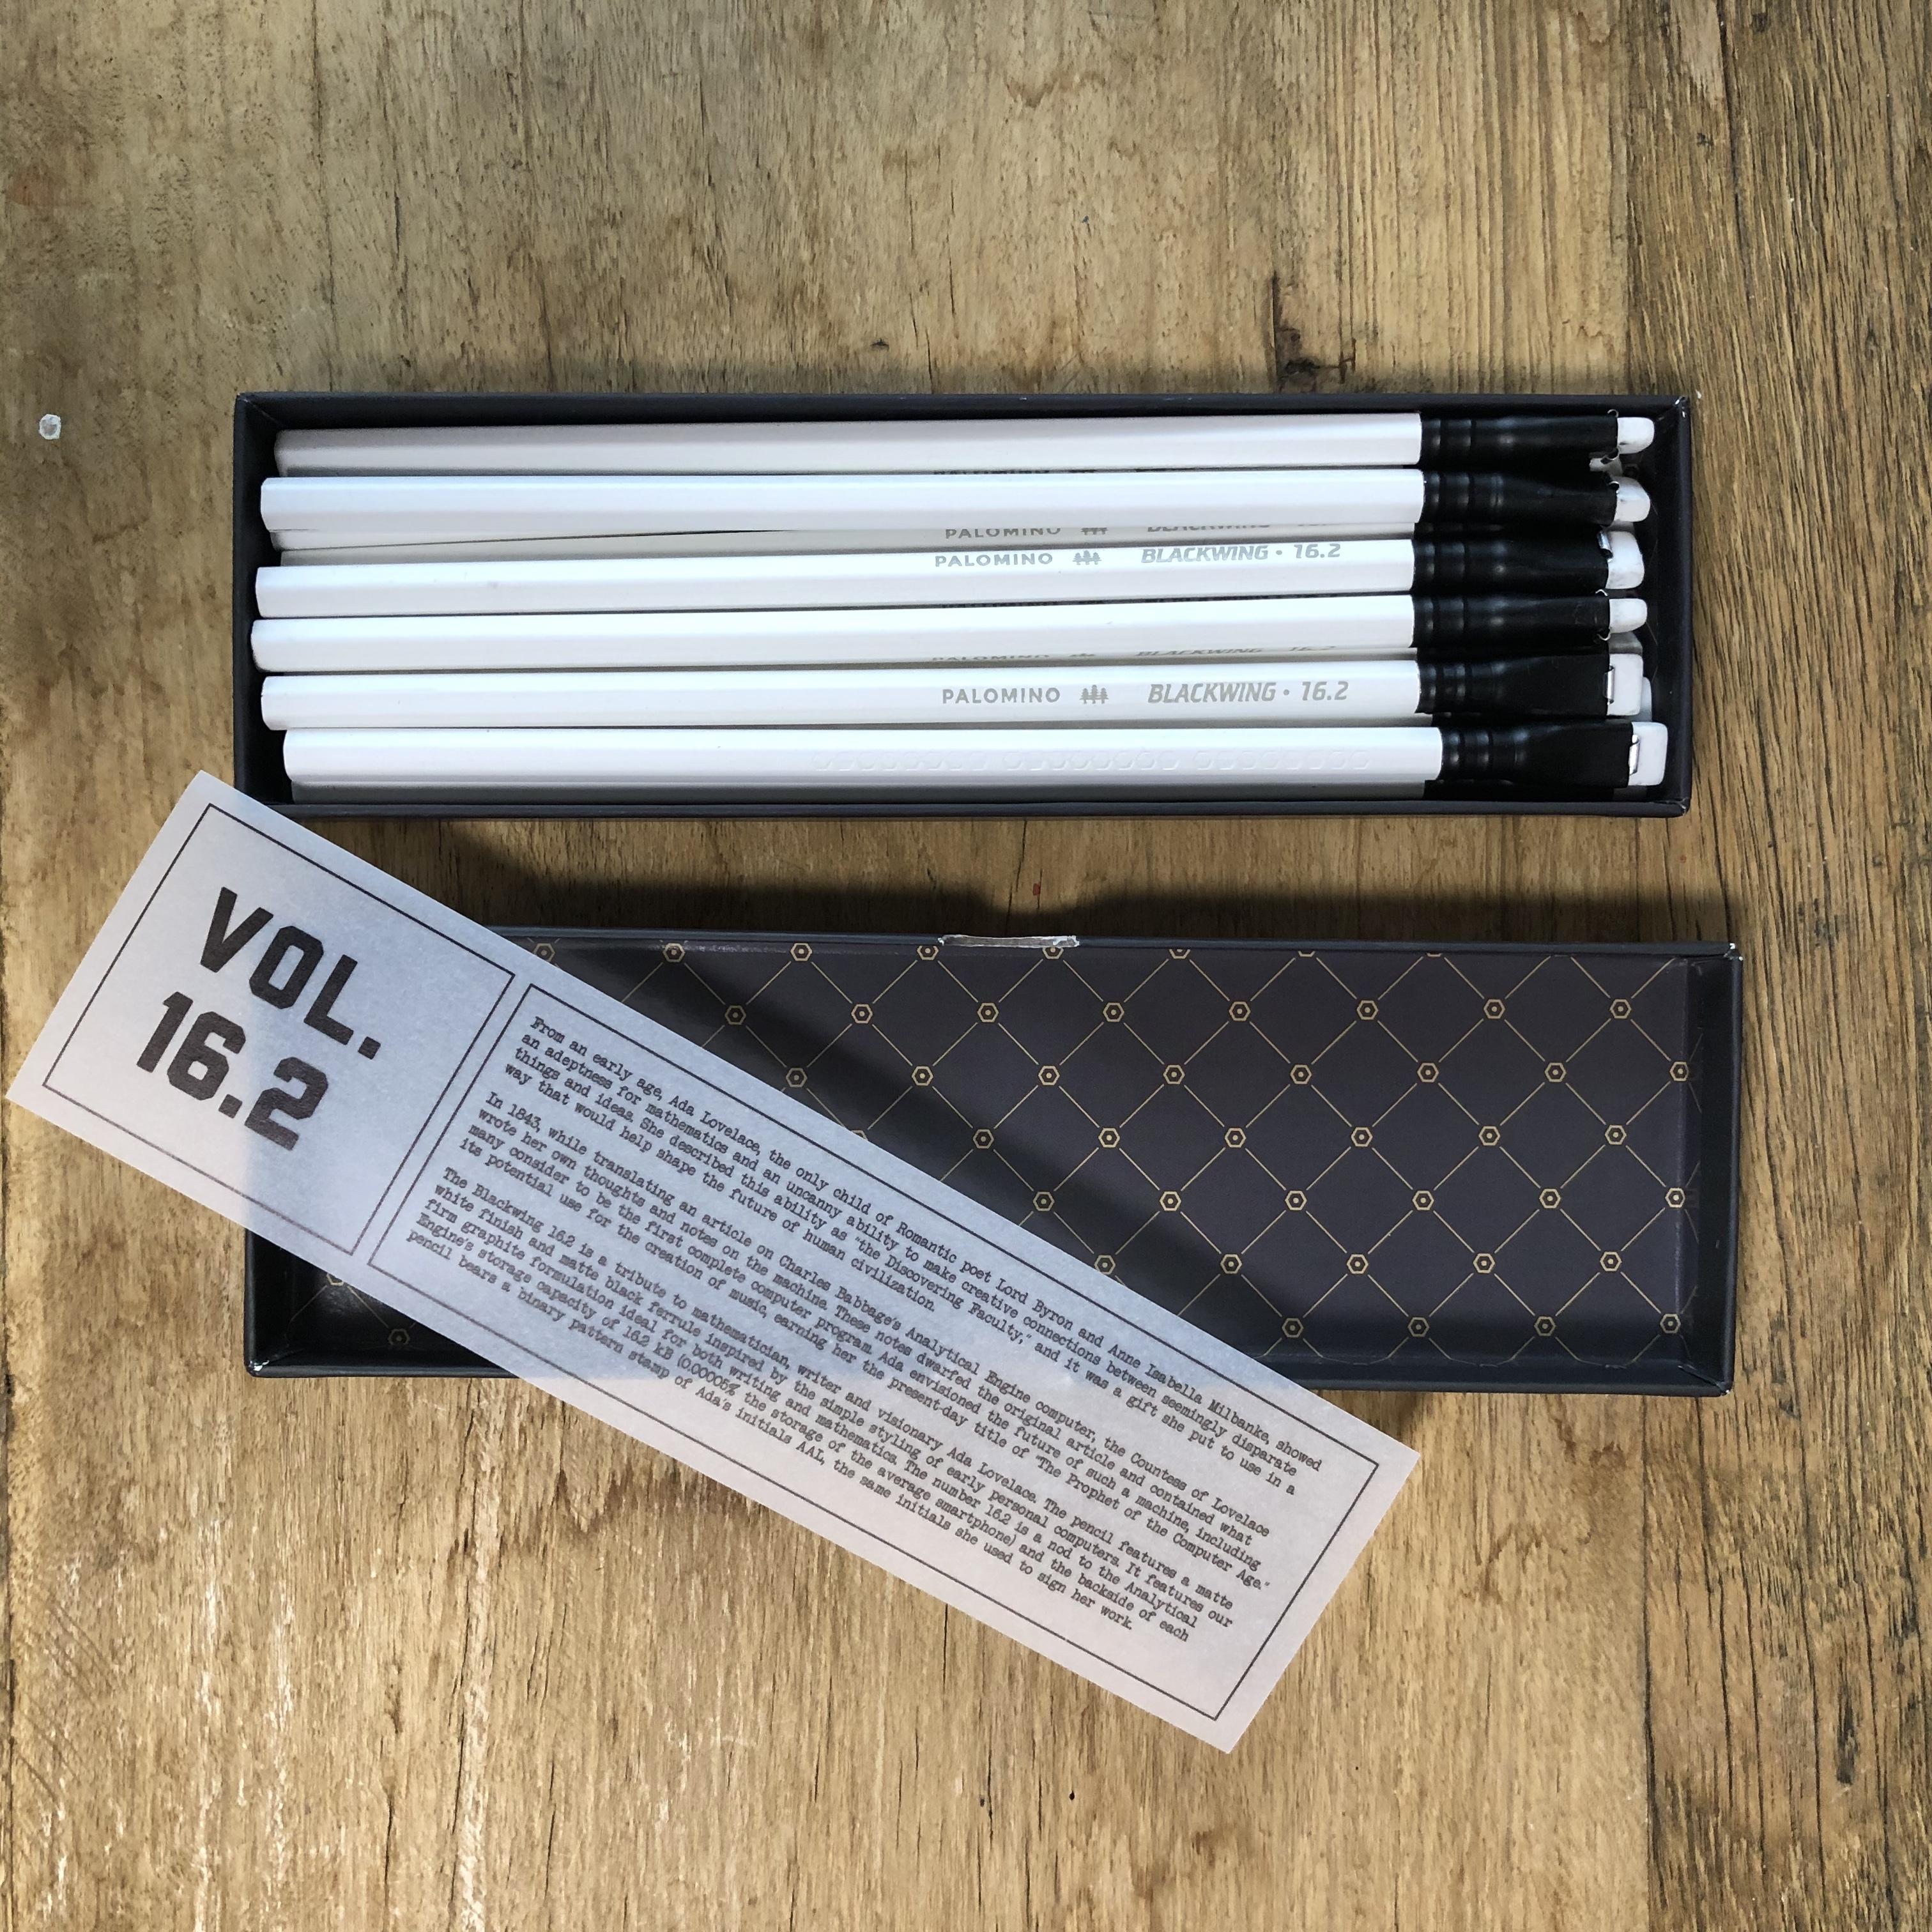 蘇った伝説の鉛筆 BLACK WING16.2リミテッド